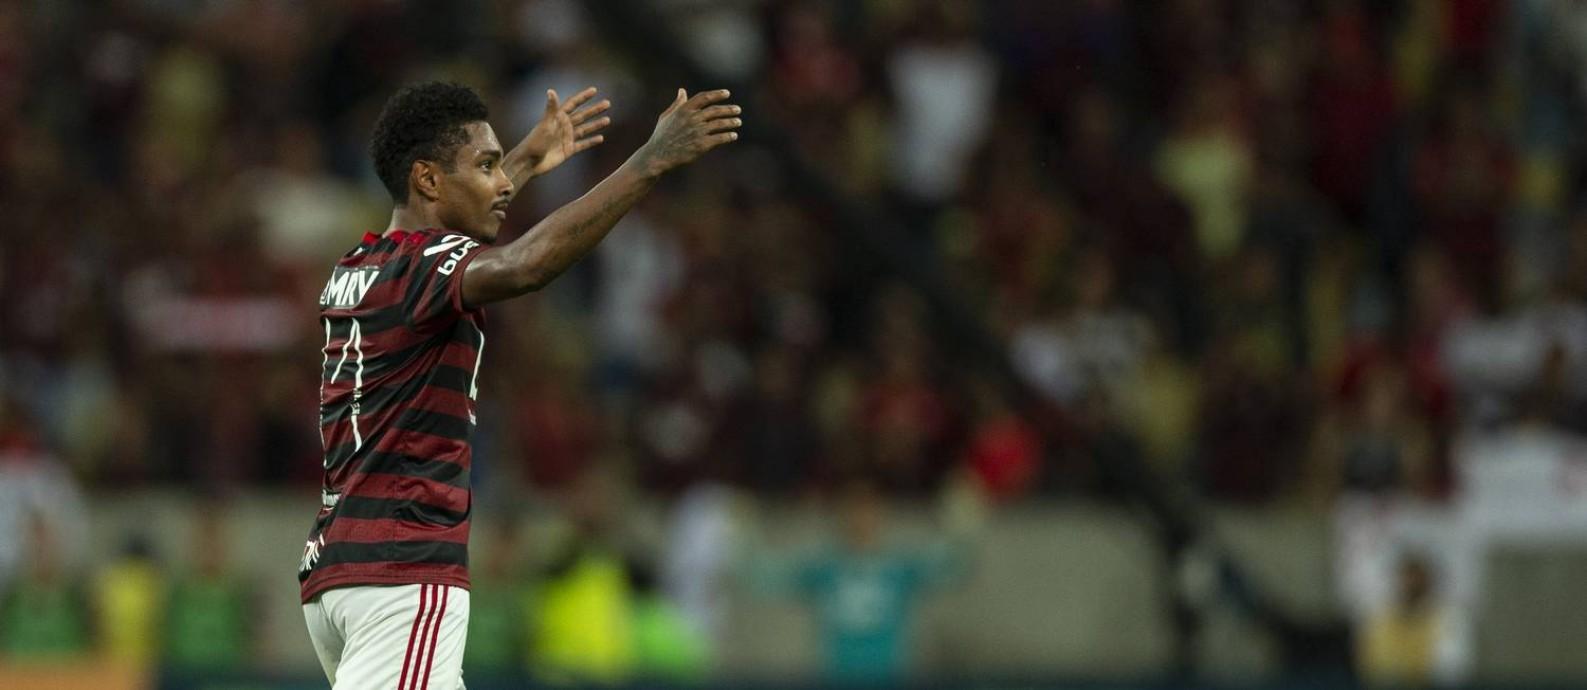 Vitinho comandou a vitória do Flamengo sobre o Atlético-MG Foto: Alexandre Cassiano / Agência O Globo